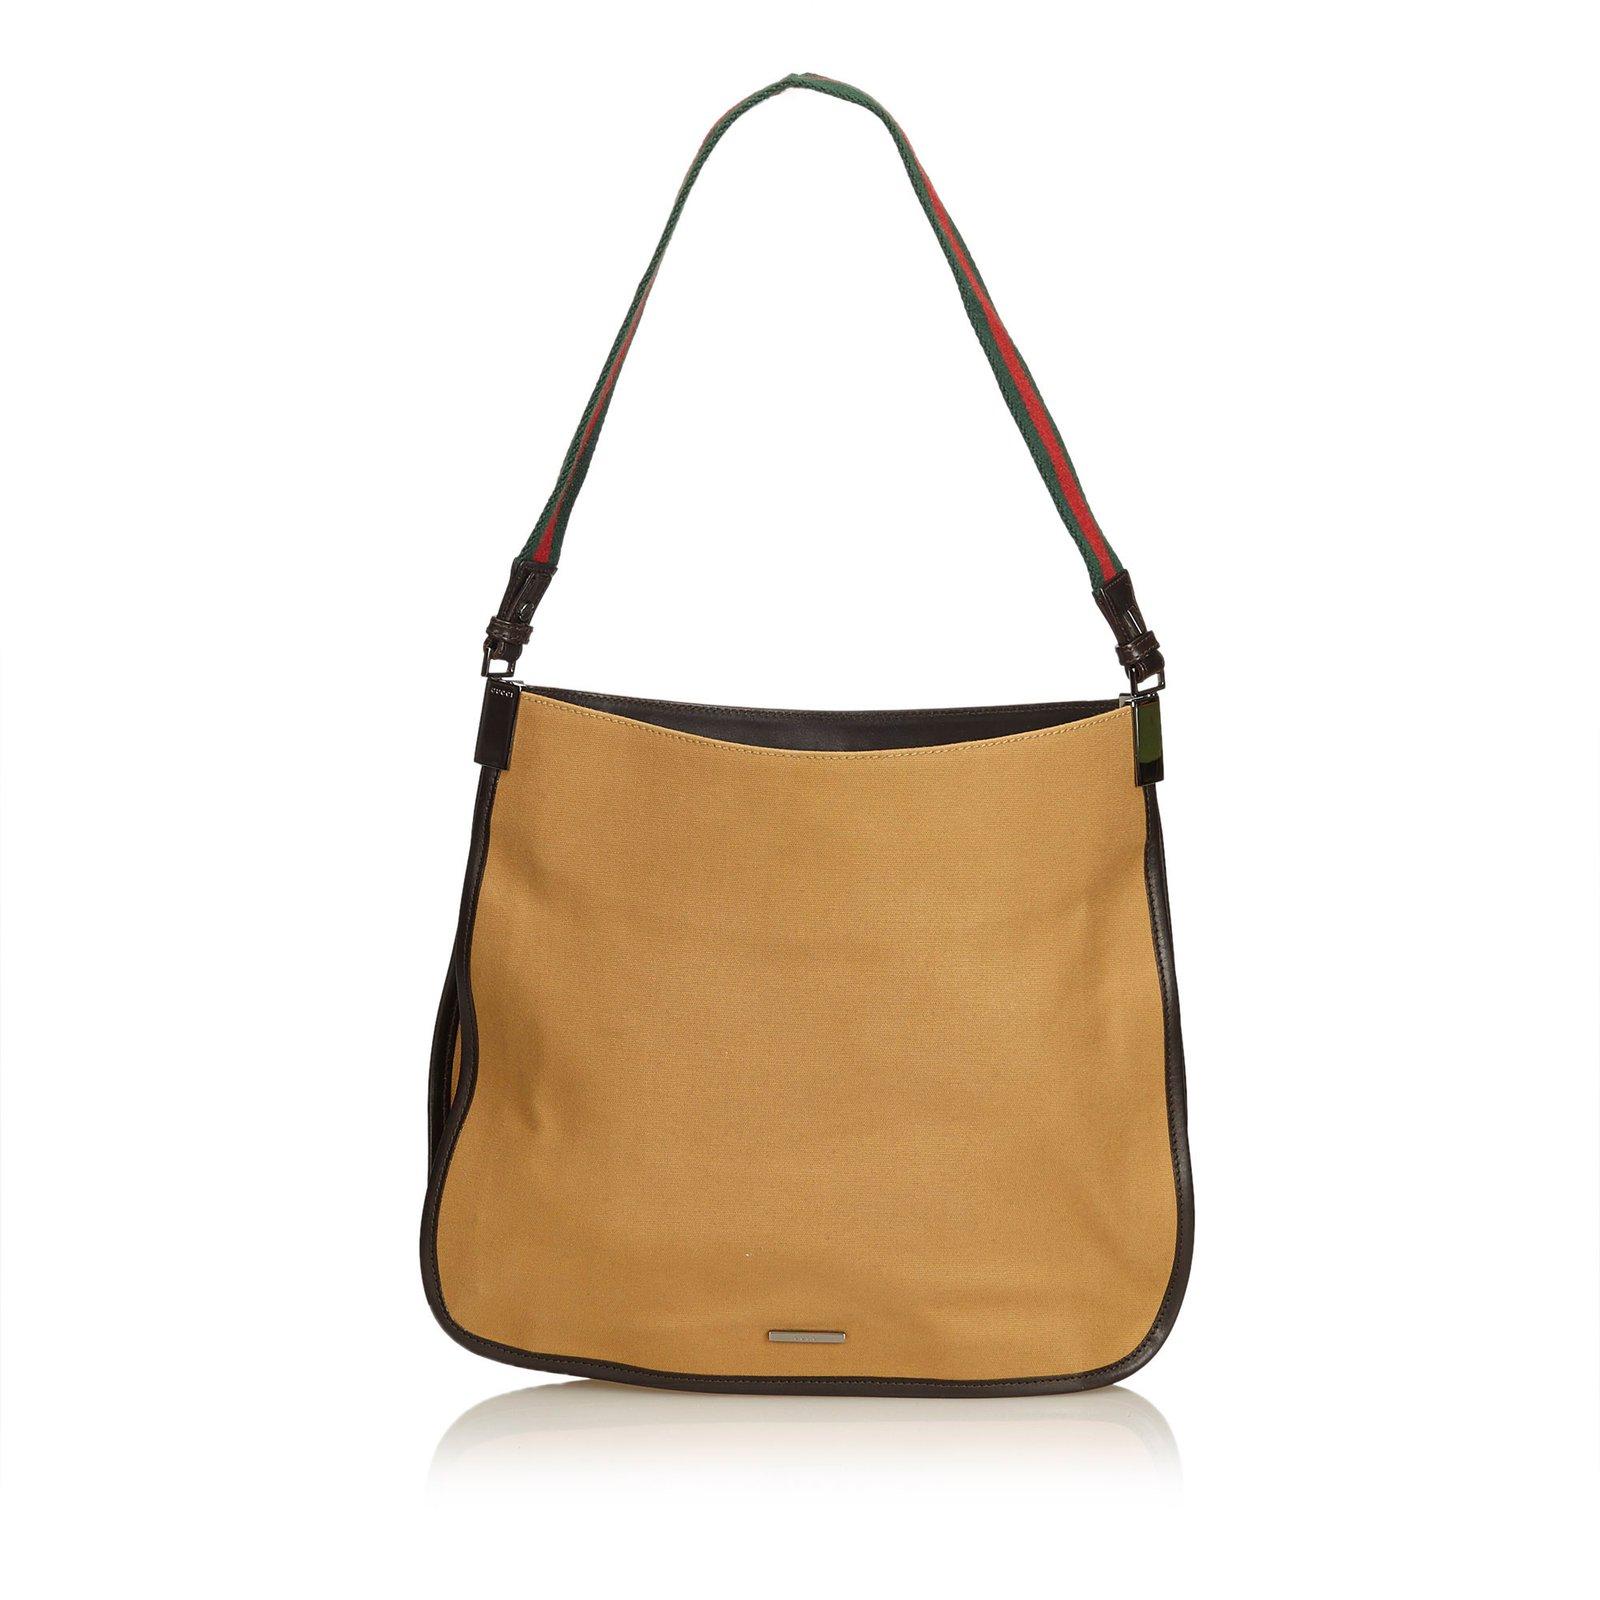 7a802c01e31 Gucci Web Canvas Shoulder Bag Handbags Leather